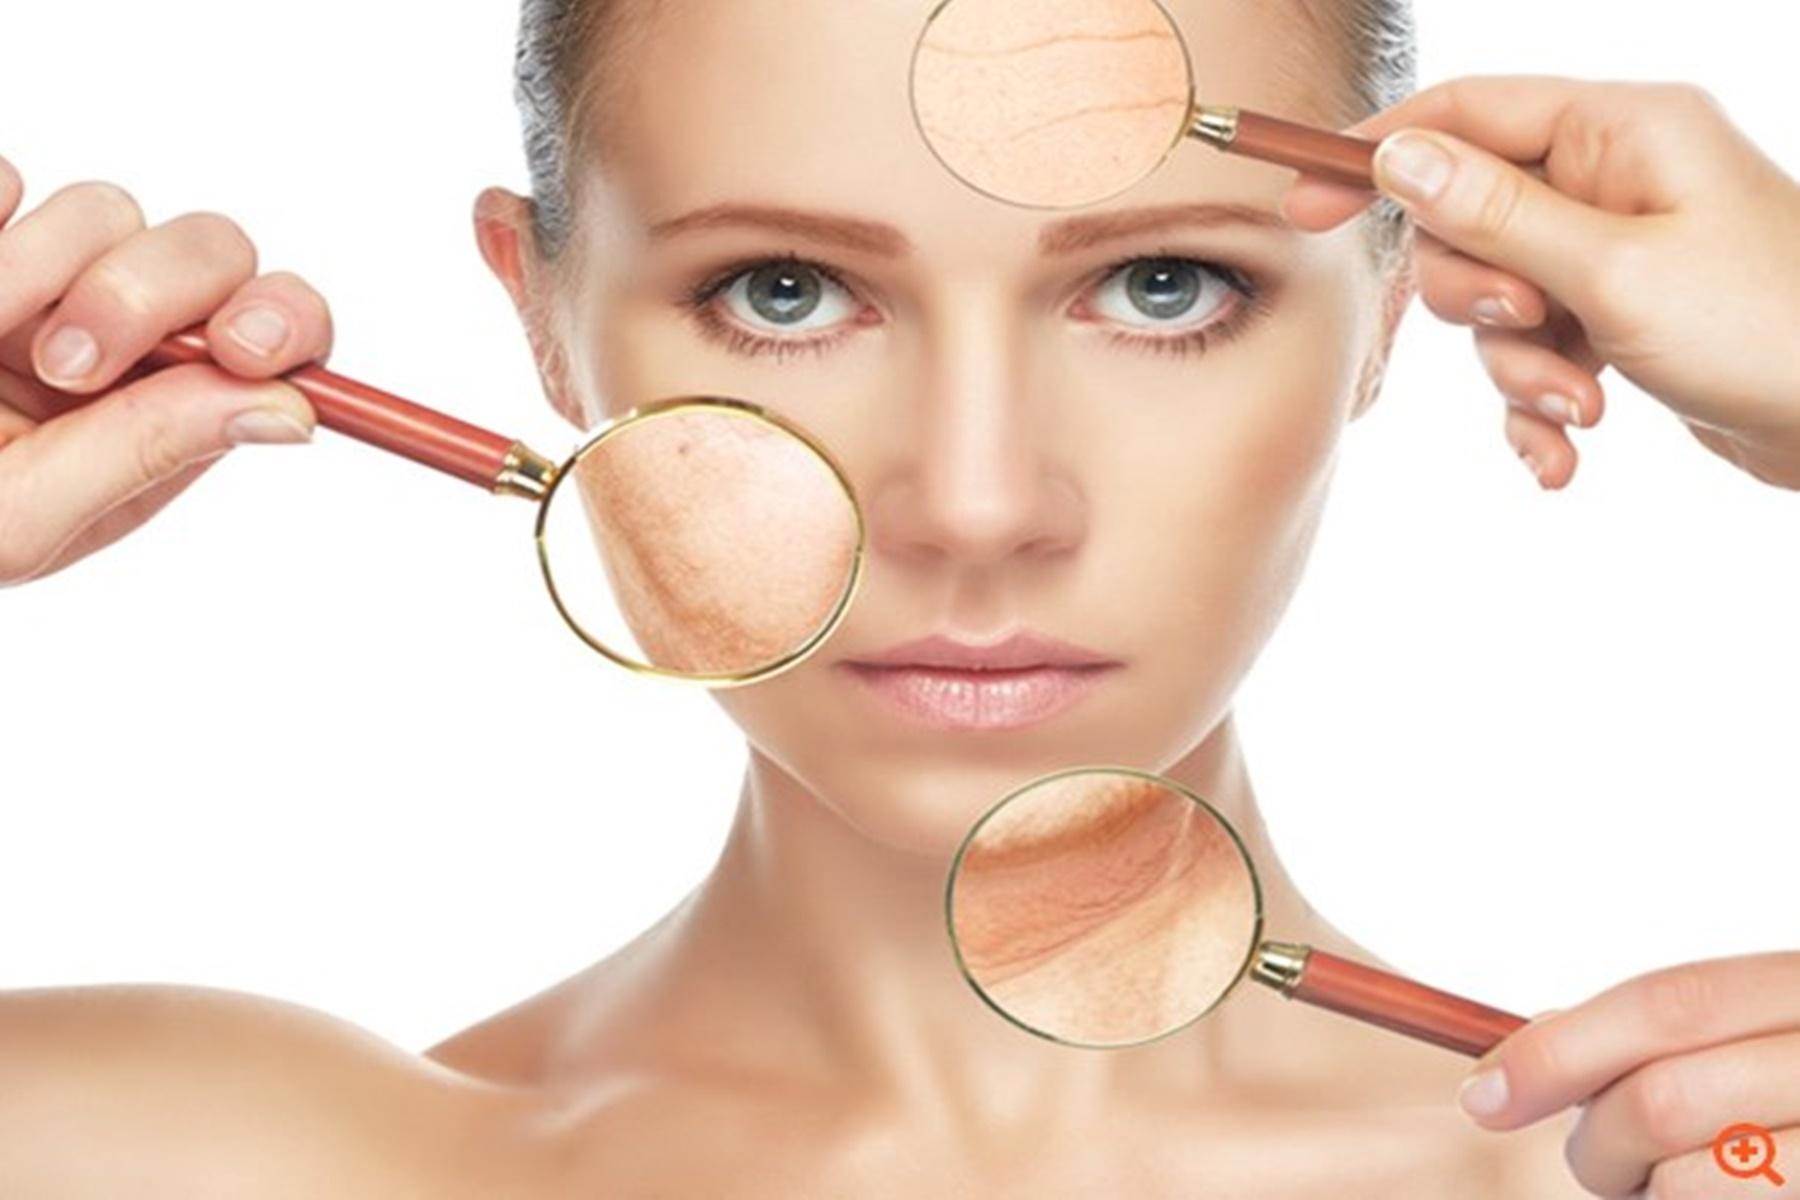 Ομορφιά : Συμβουλές για καθαρό πρόσωπο